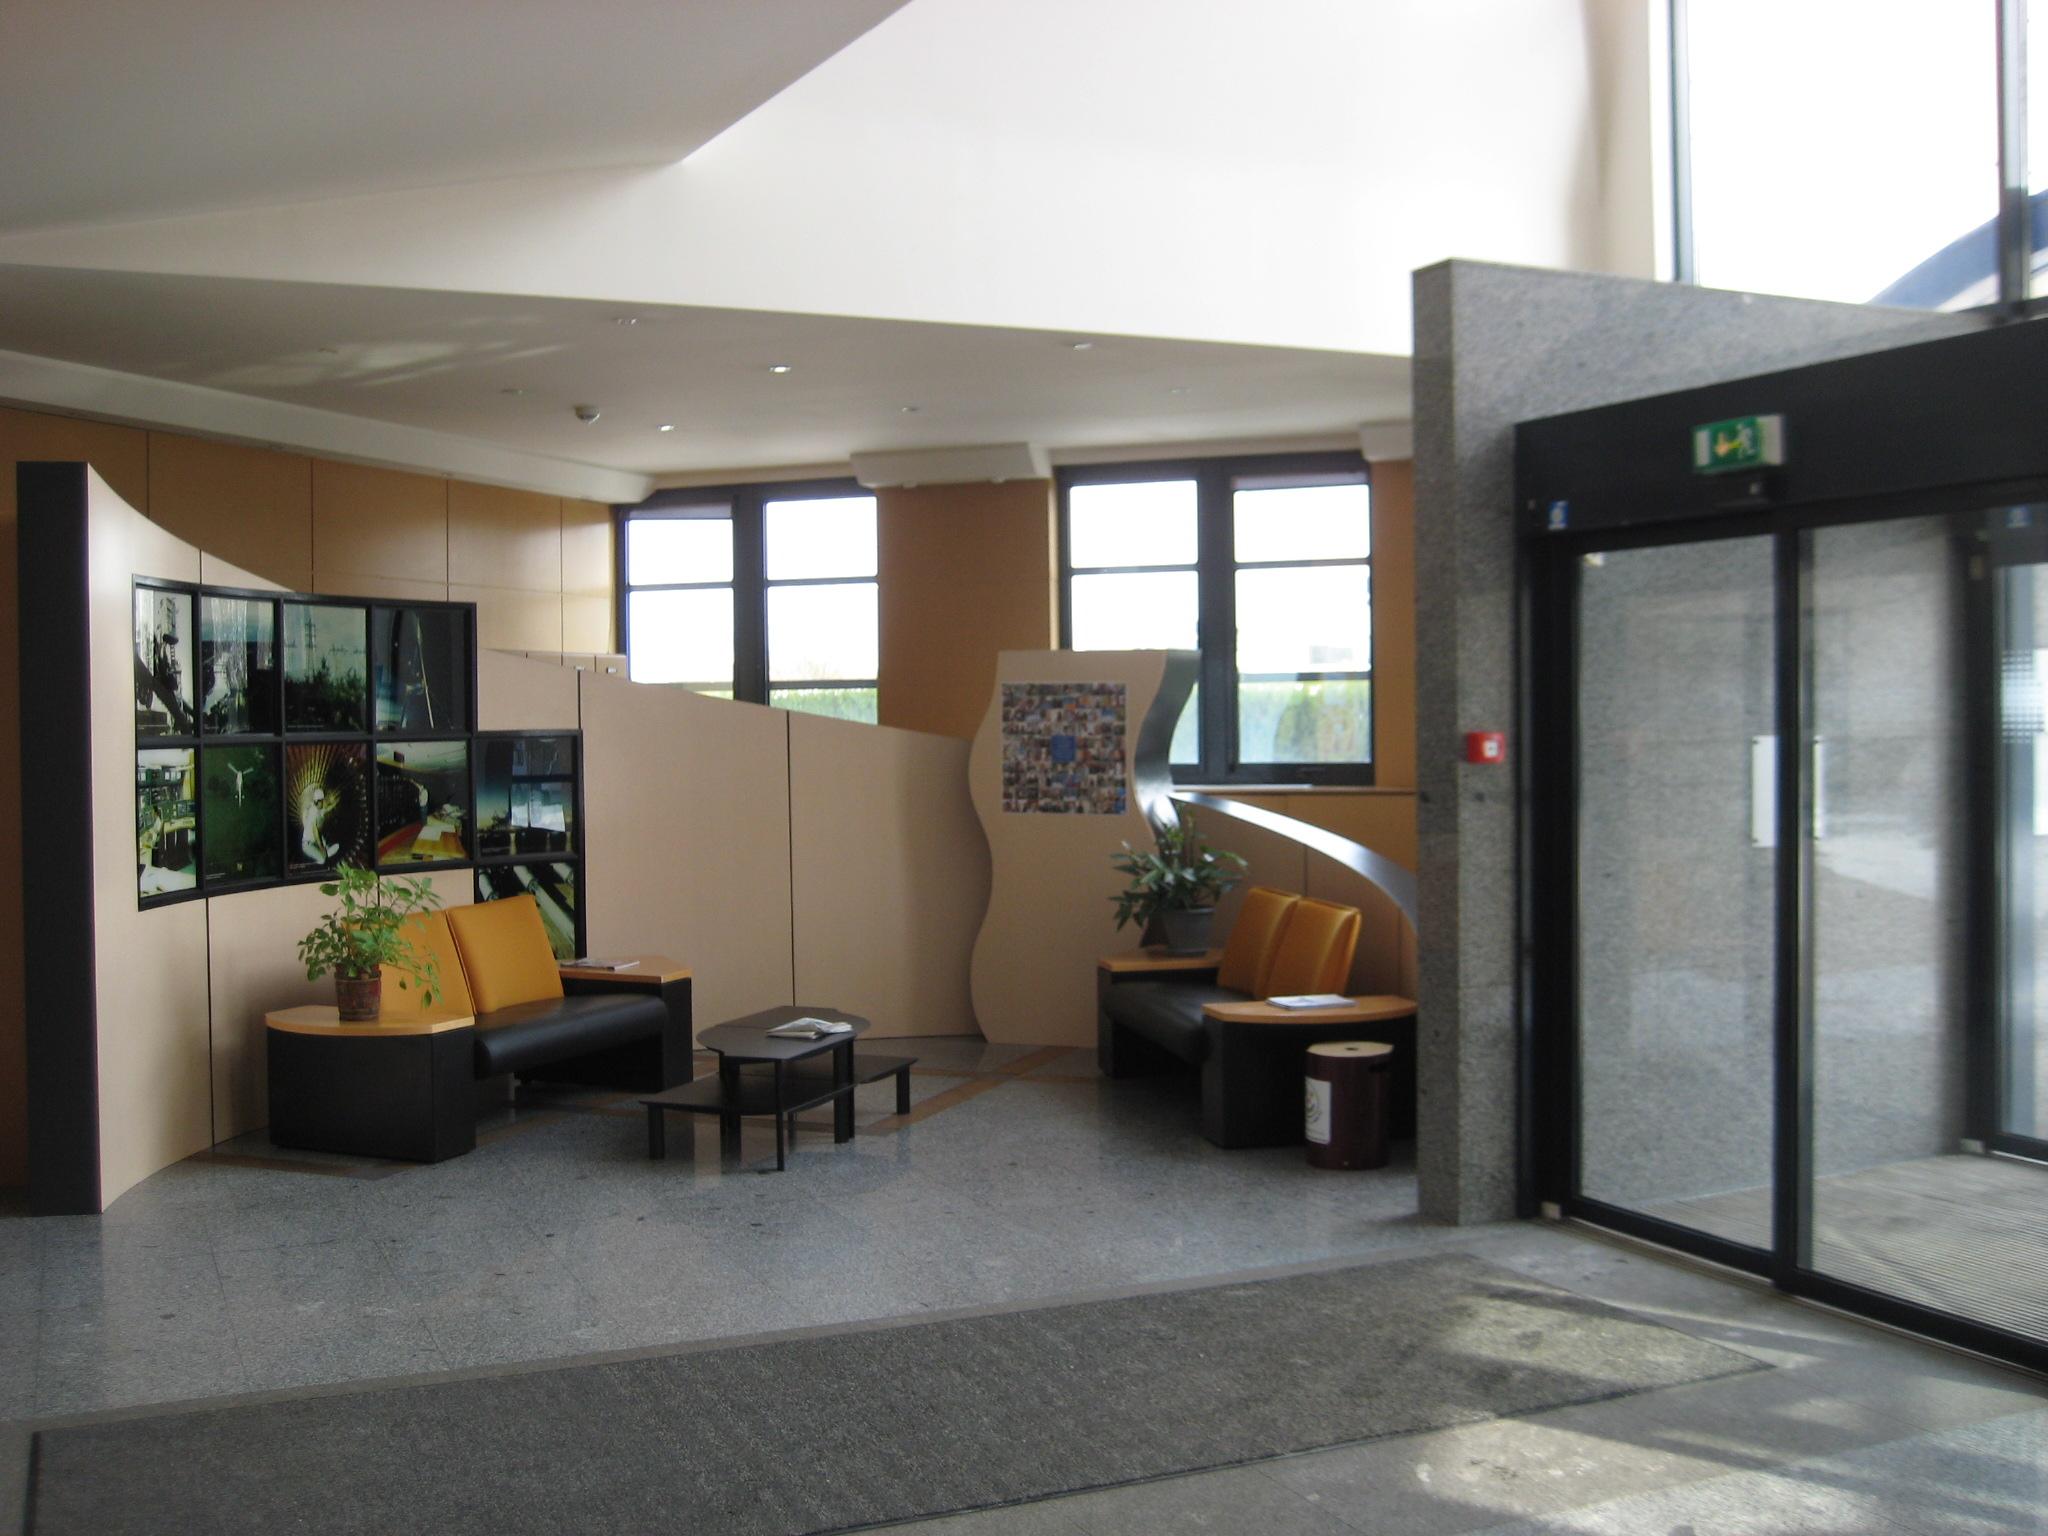 Bureaux occupés par Linkt, une filiale du groupe Altitude Foncière.